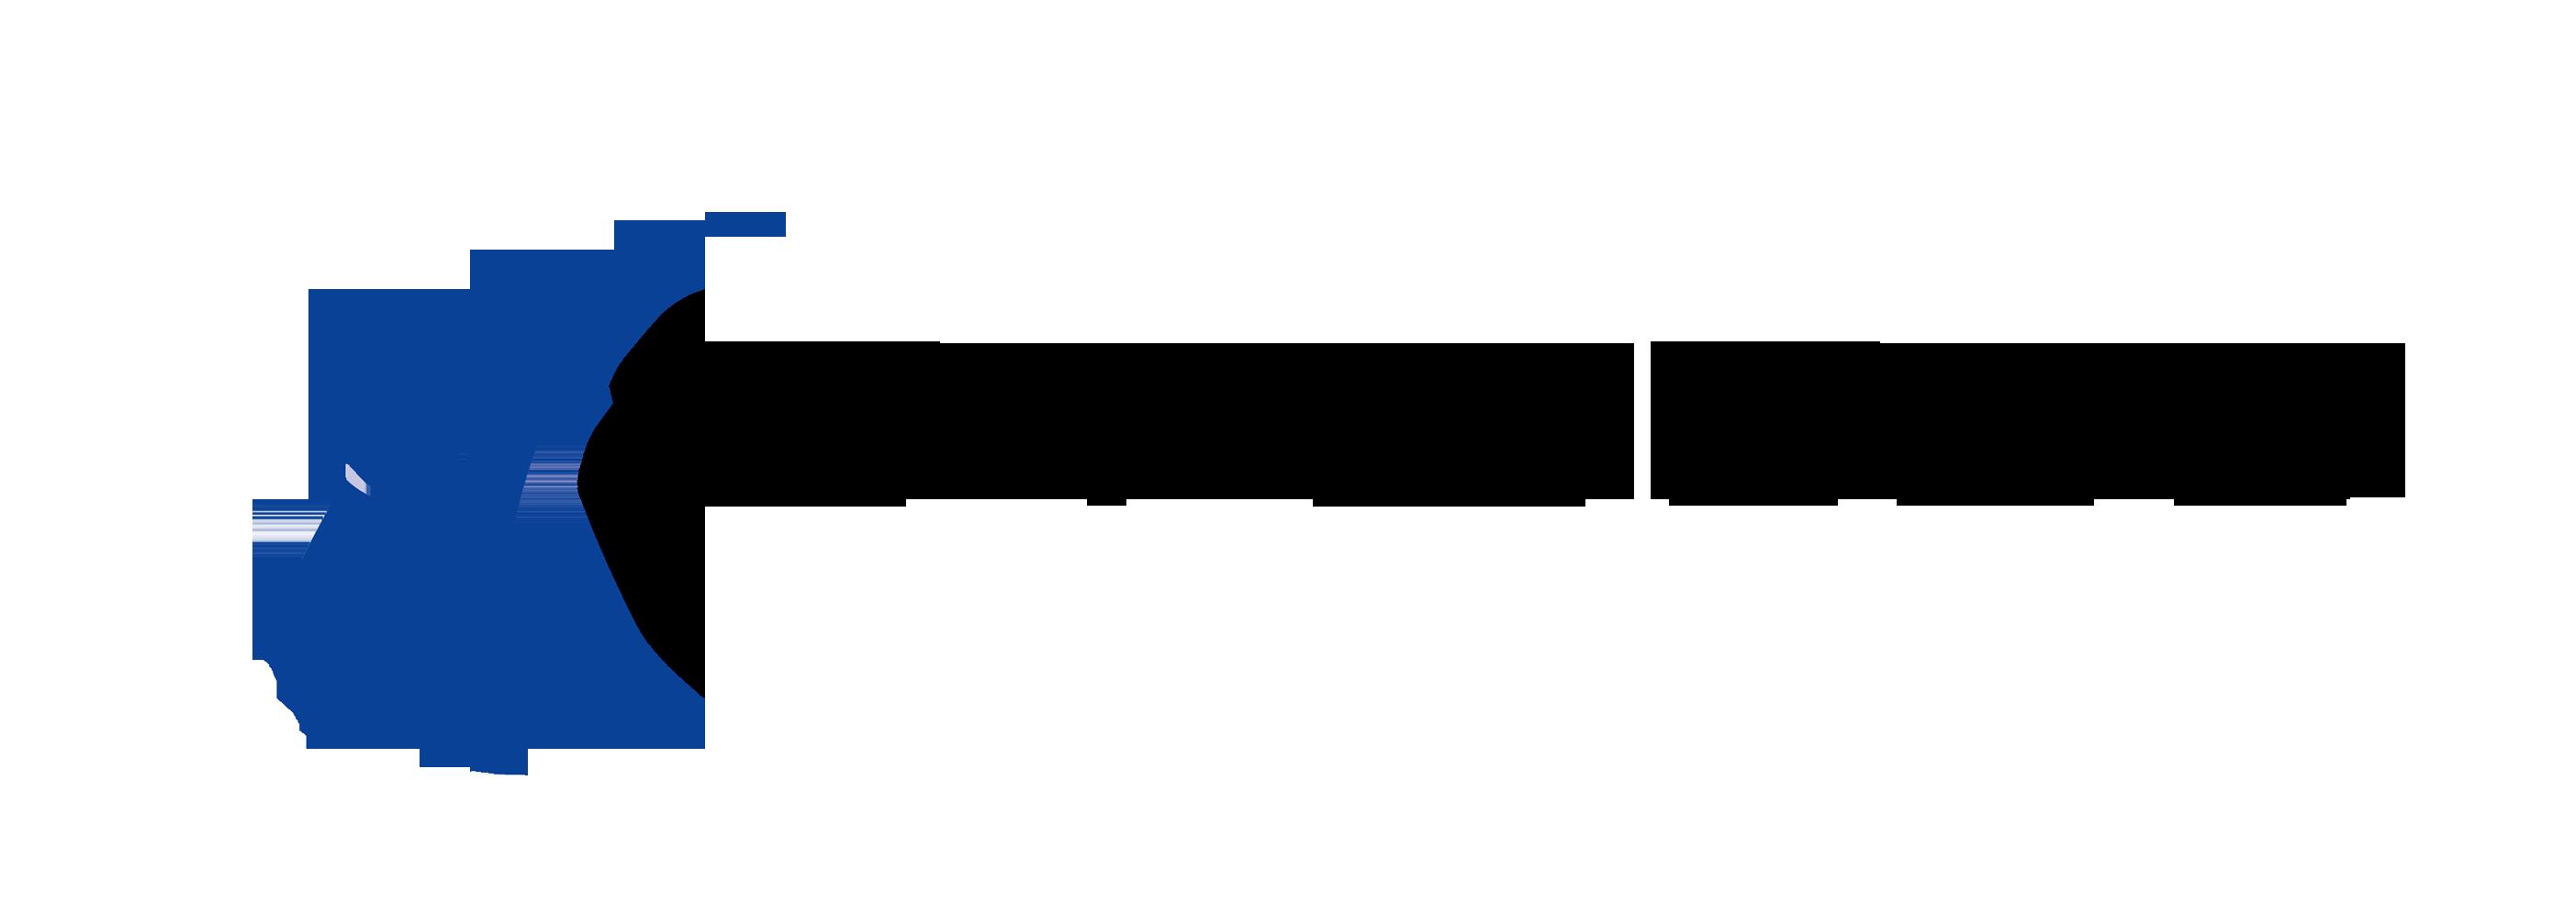 Affibody-logga_transparent hi res